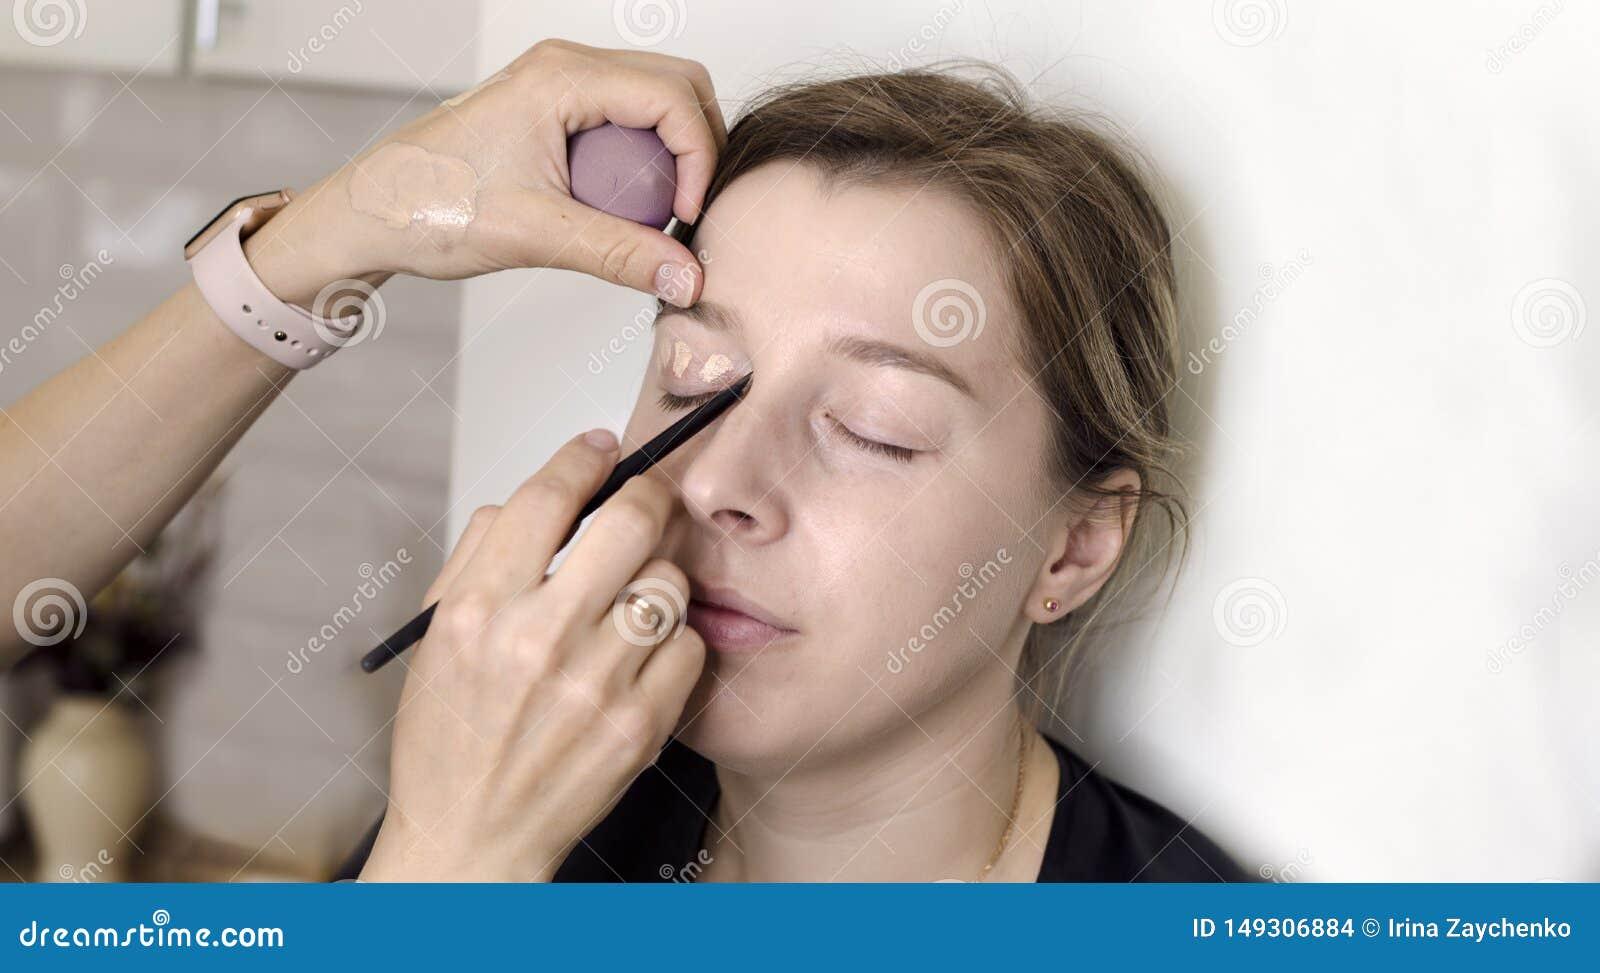 Визажист делает макияж для девушки